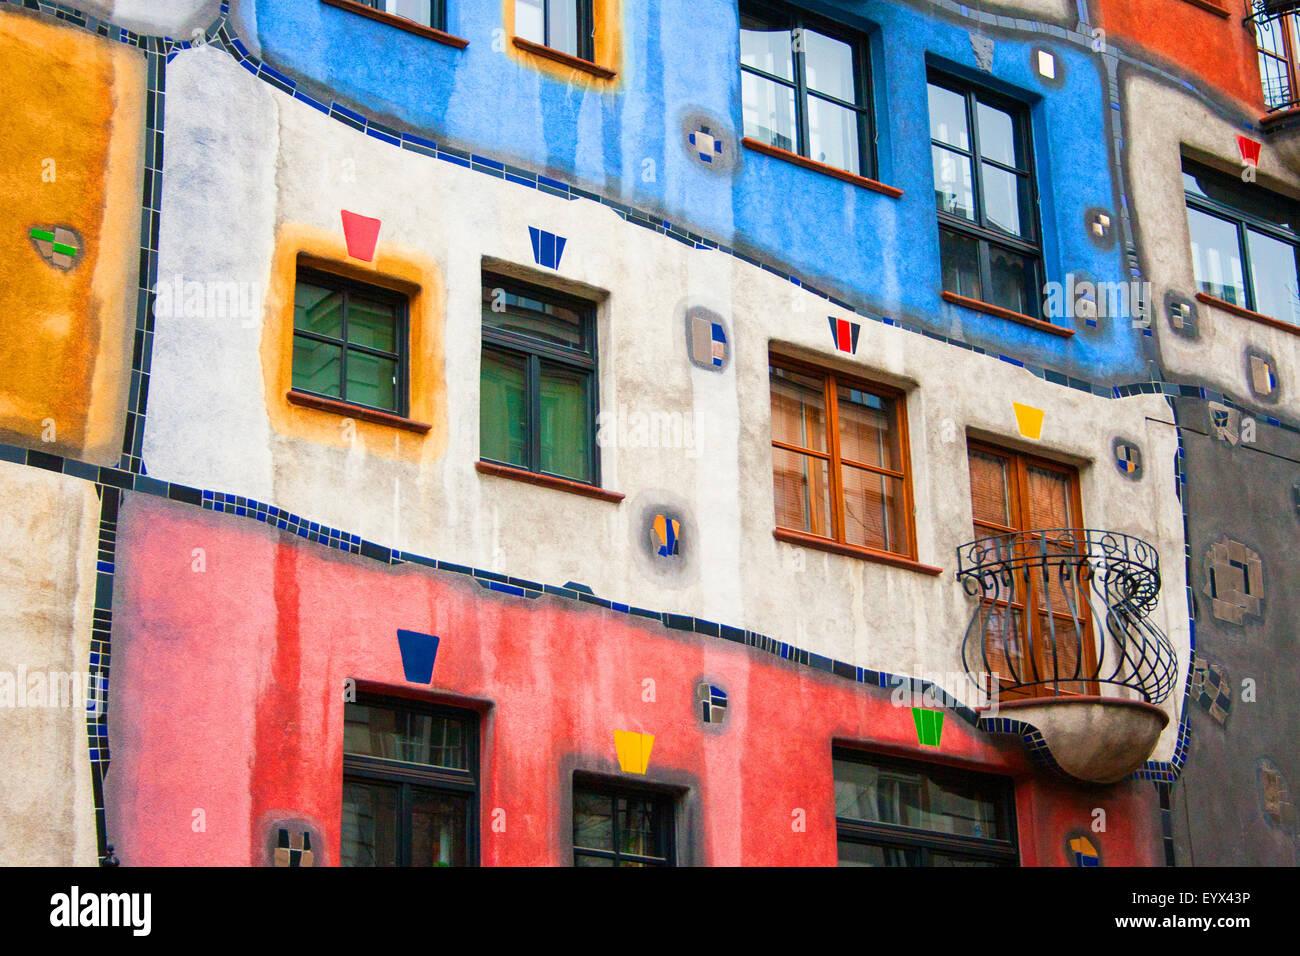 Hundertwasser Haus in Wien - Stock Image